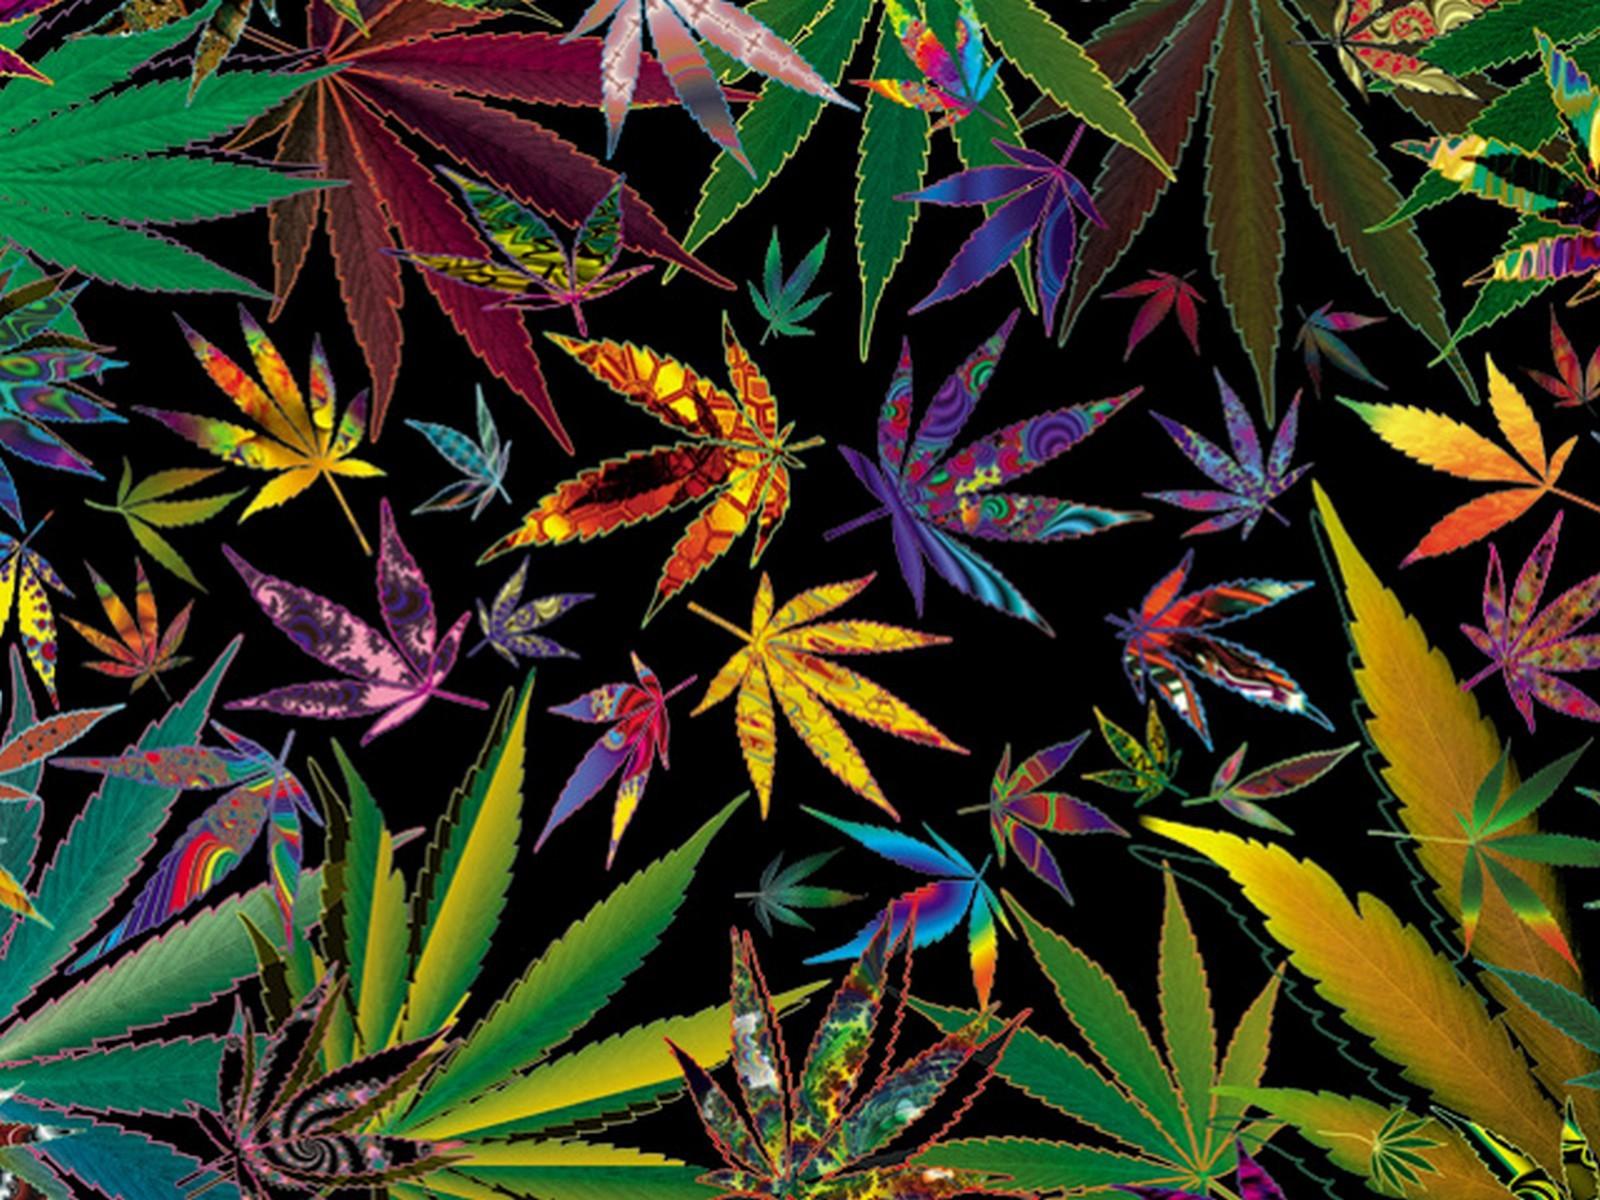 Trippy Stoner Wallpaper - WallpaperSafari